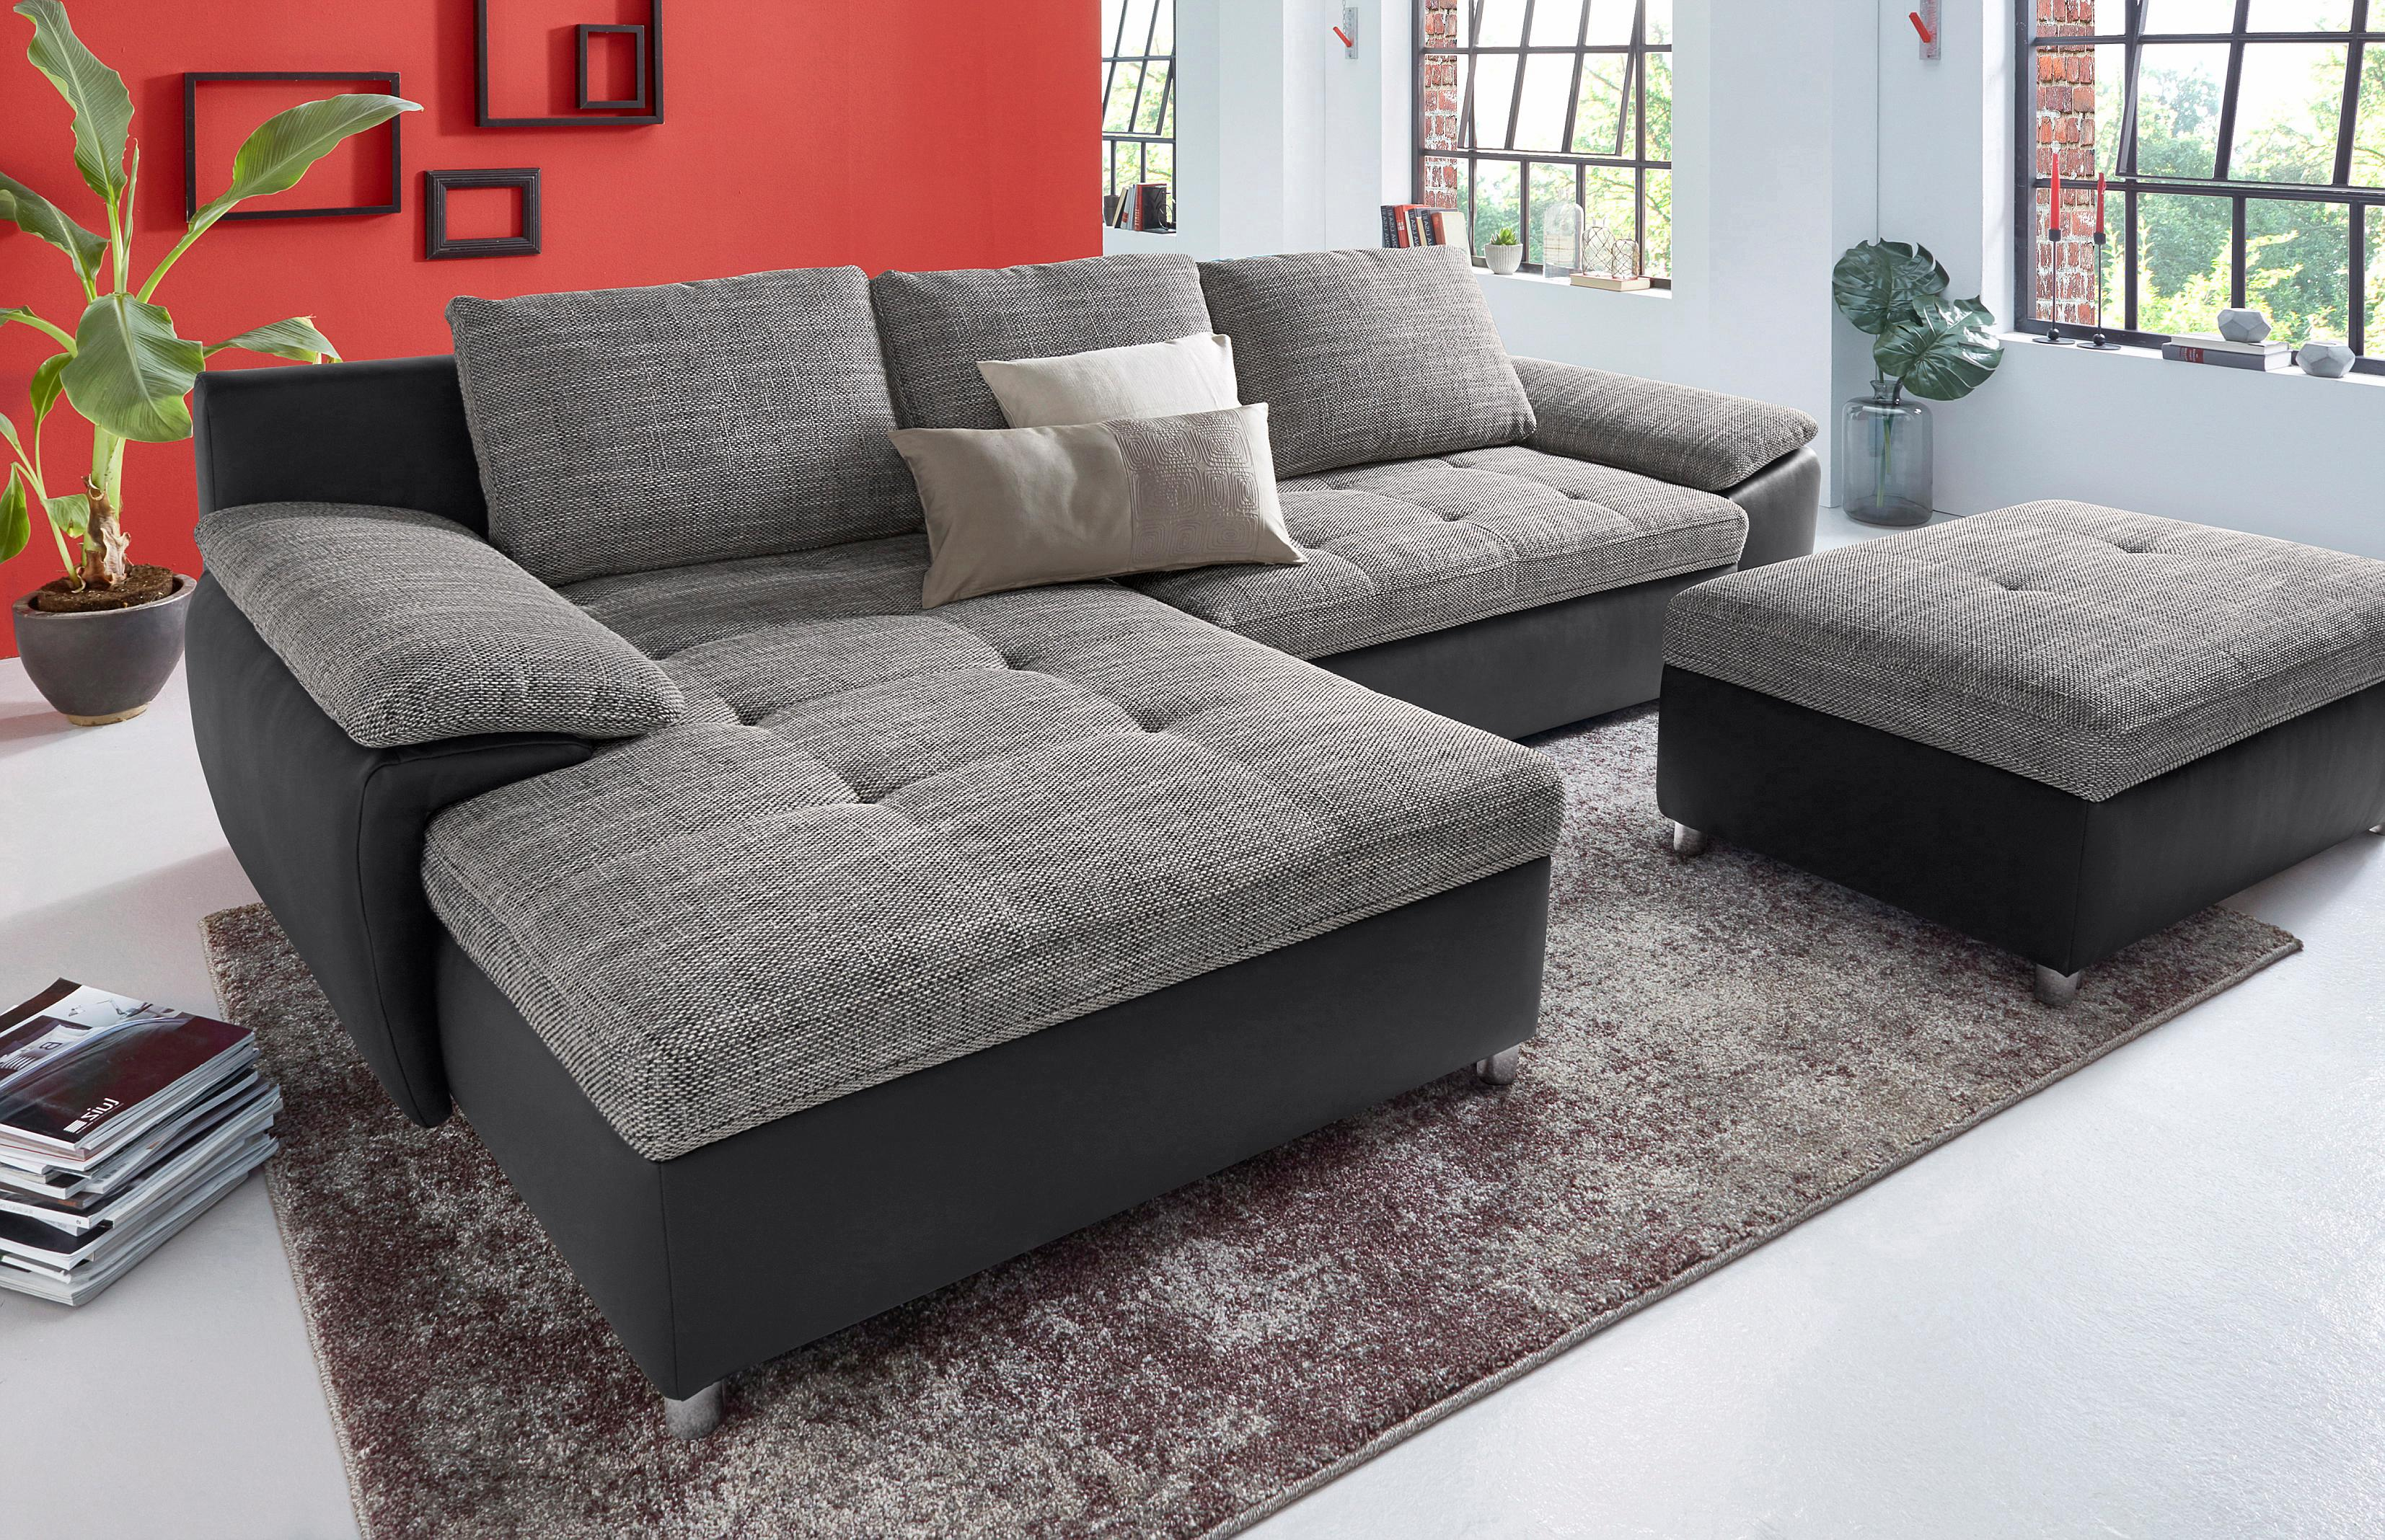 Wohnzimmer Ecksofas Sofas Couches Online Kaufen Möbel